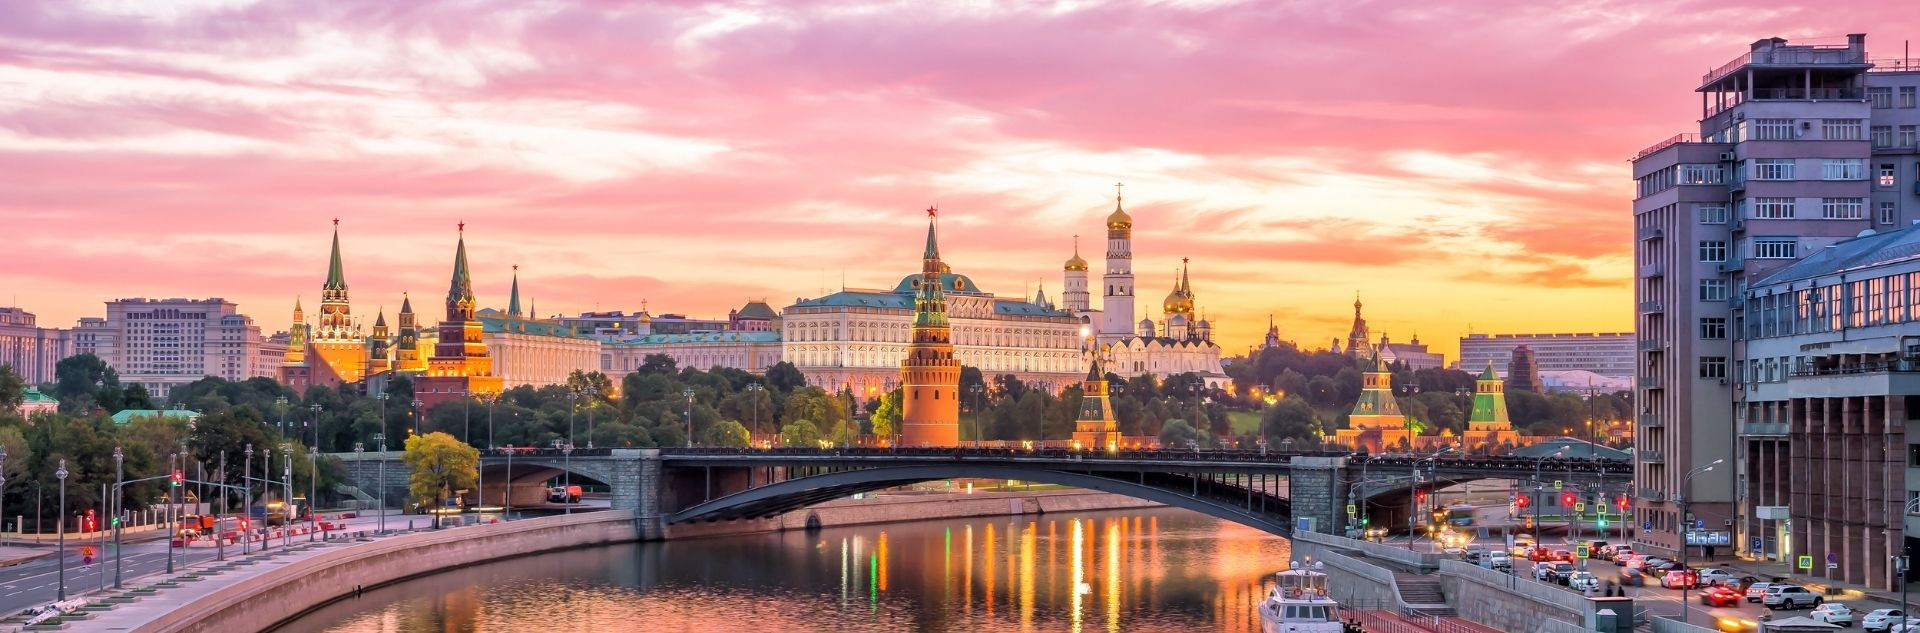 Moskau bei Abenddämmerung